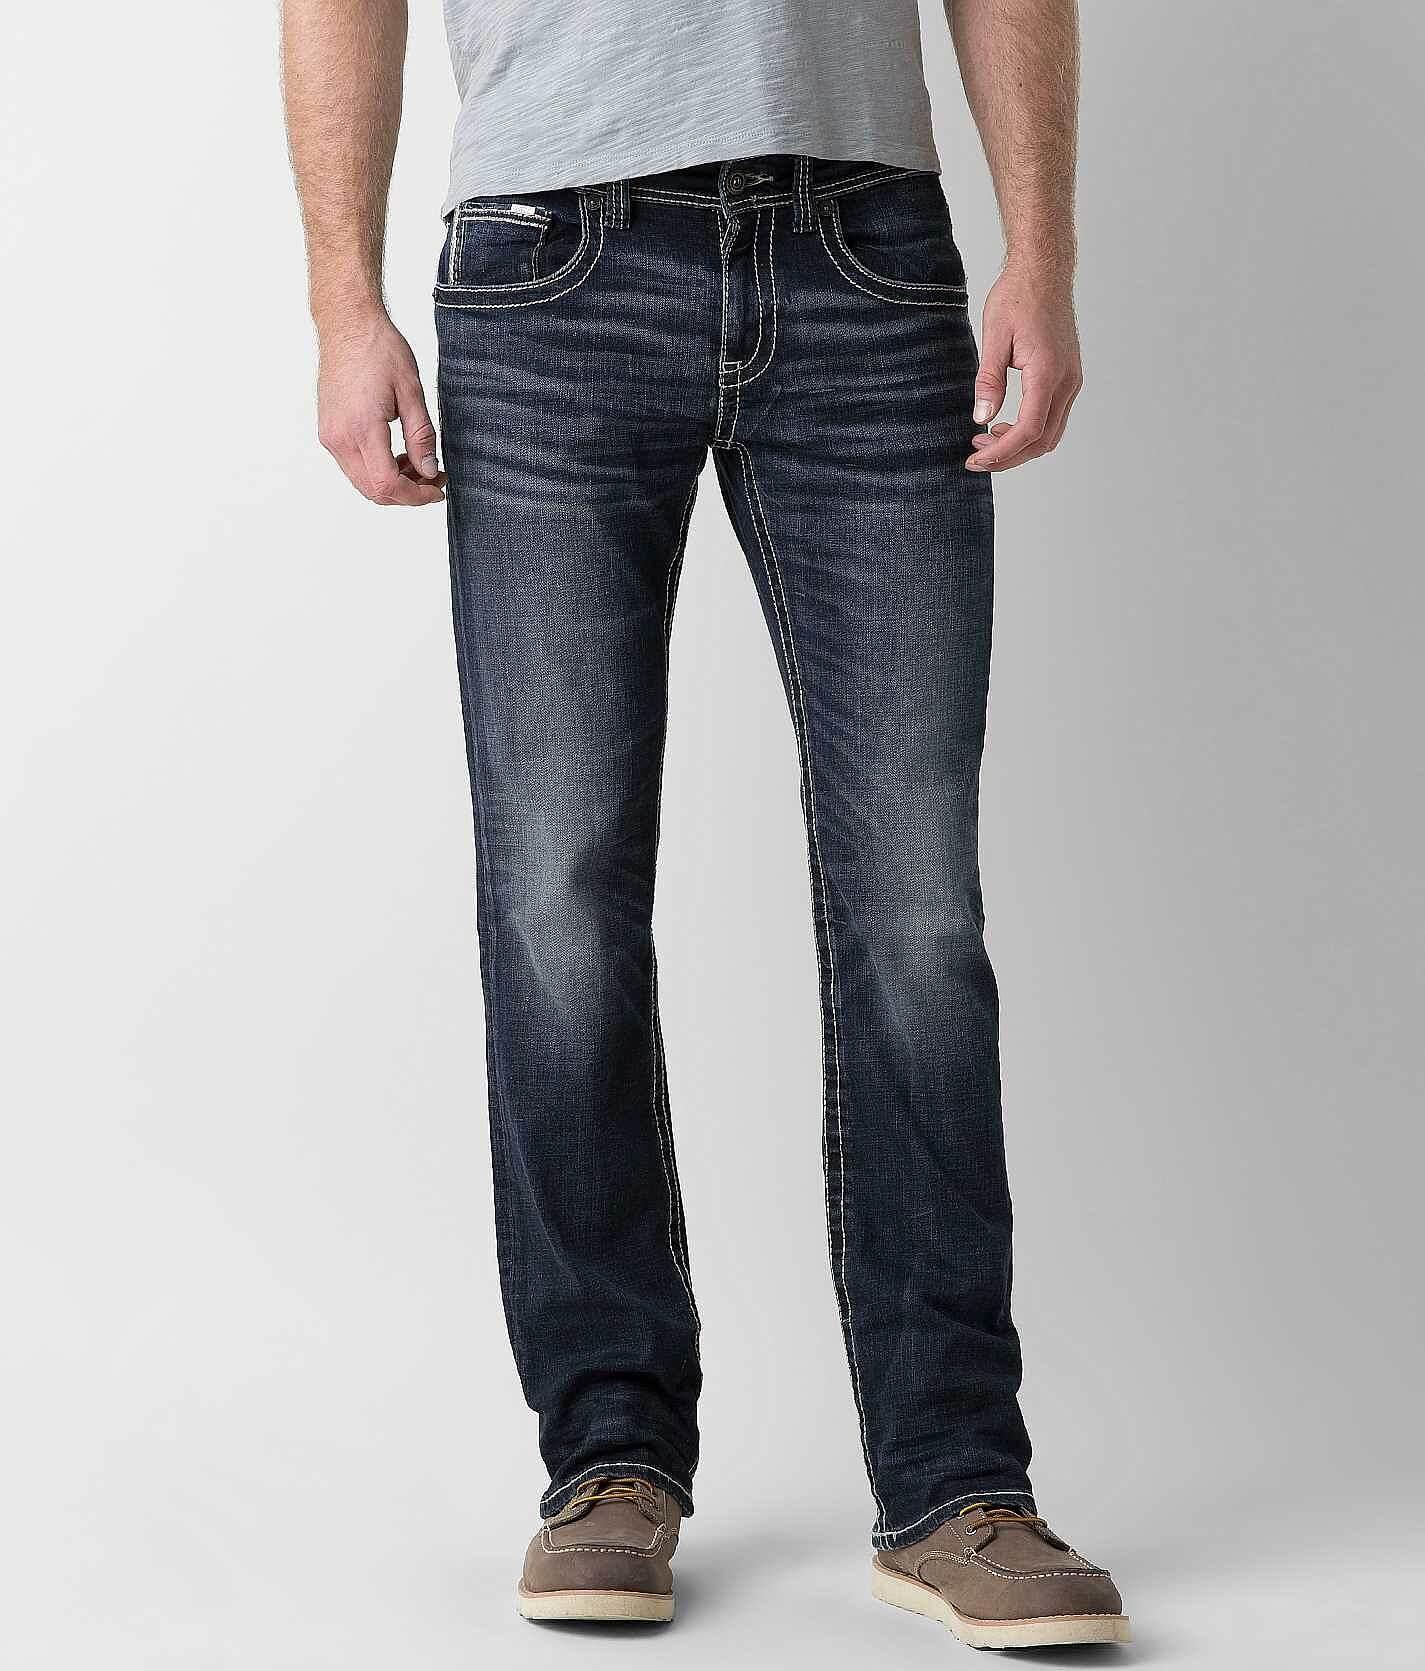 Buckle Black Jeans tmxp5wXx